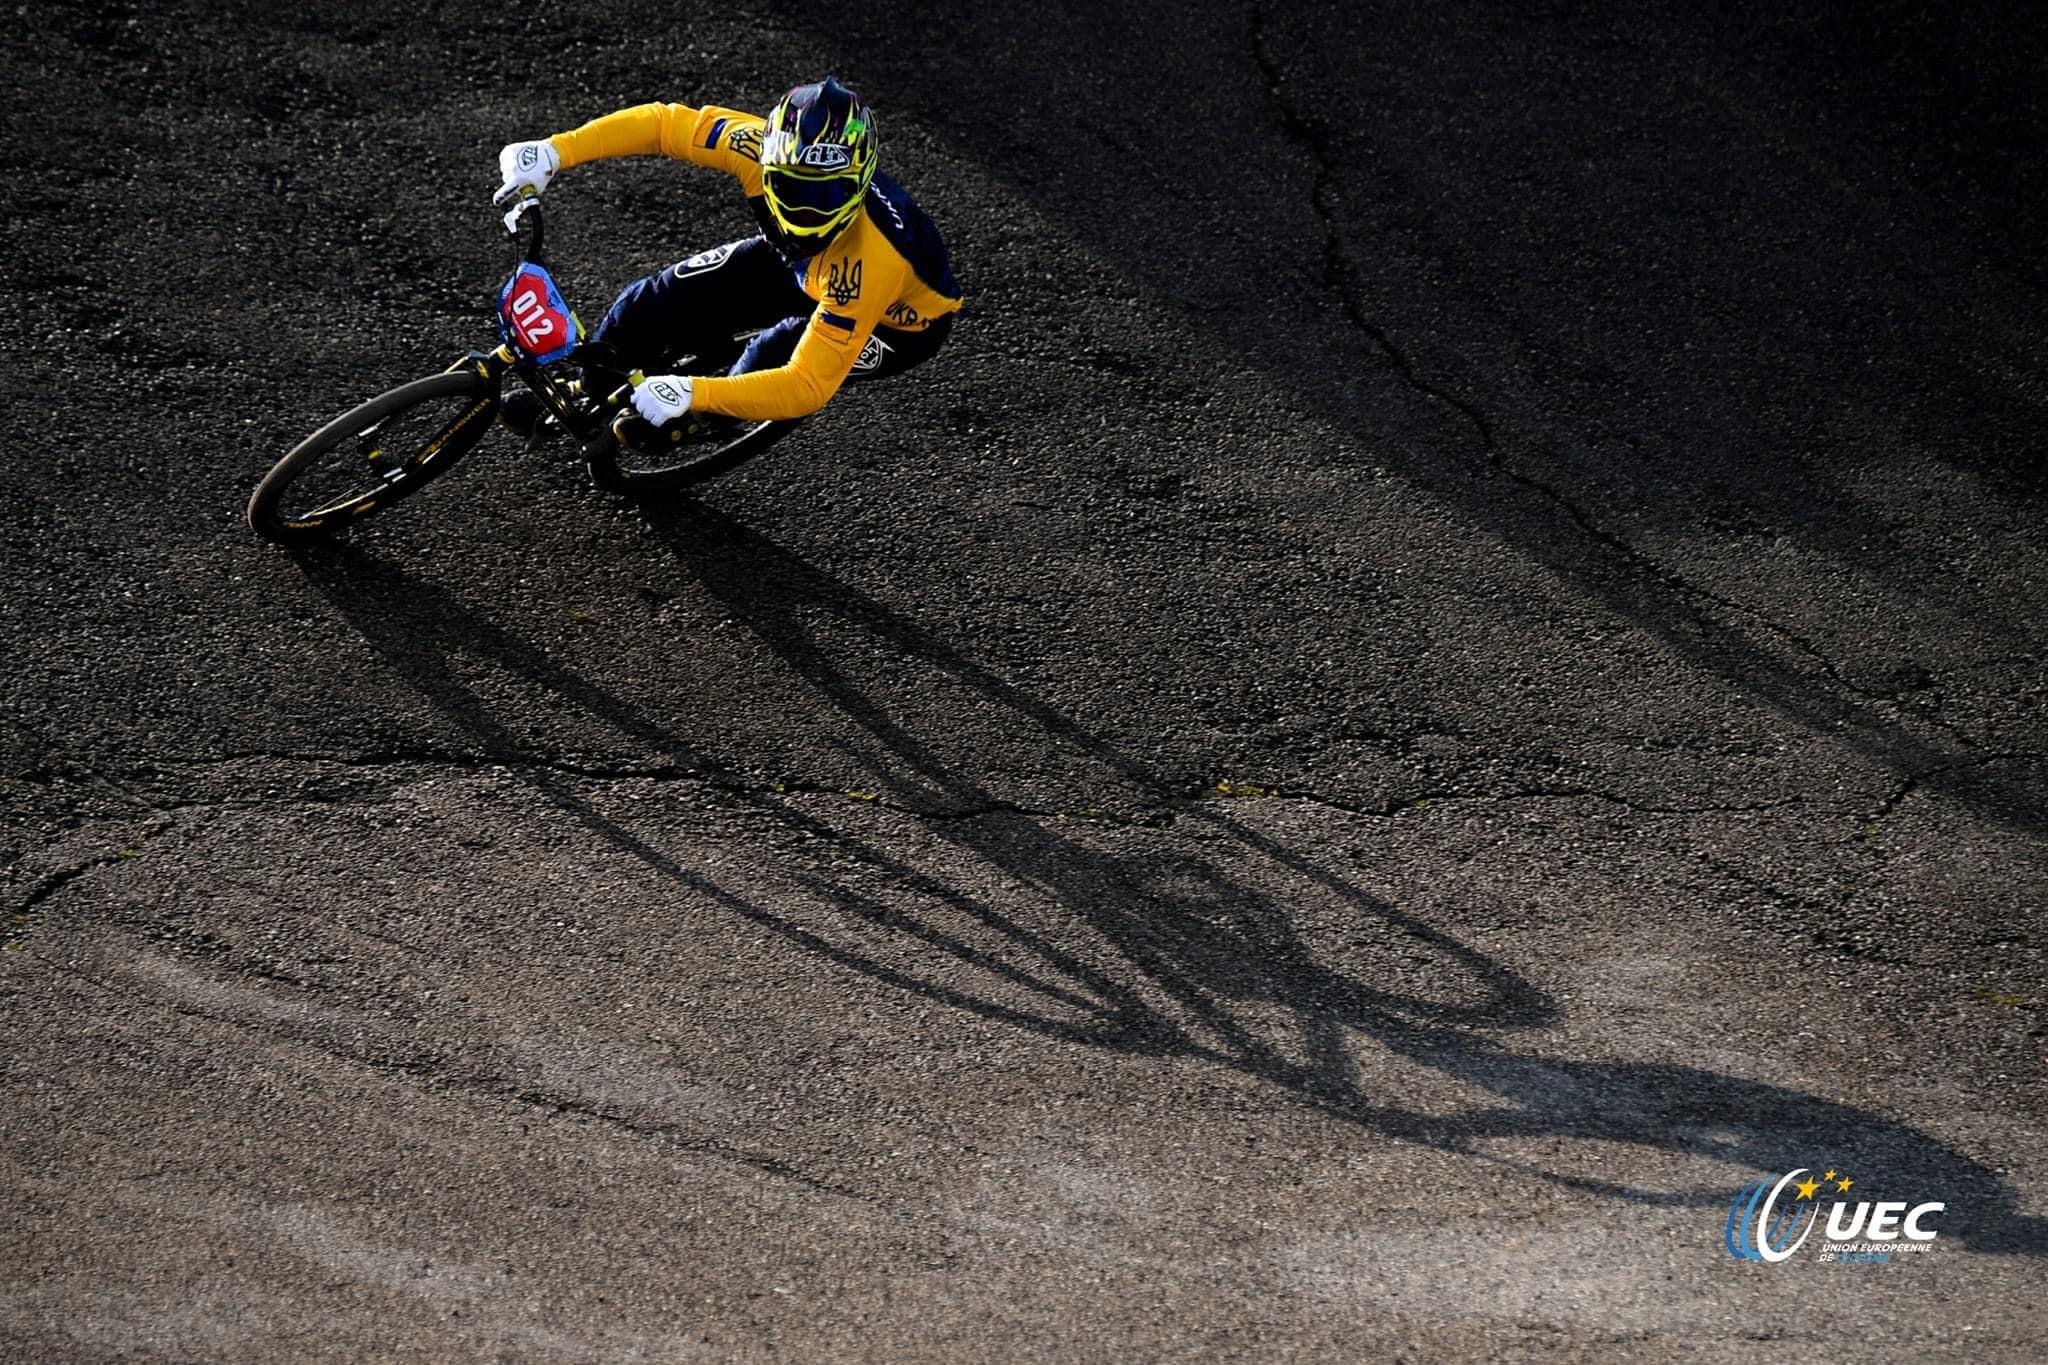 Купянчанин выиграл два этапа Кубка Европы по велоспорту BMX (фото)